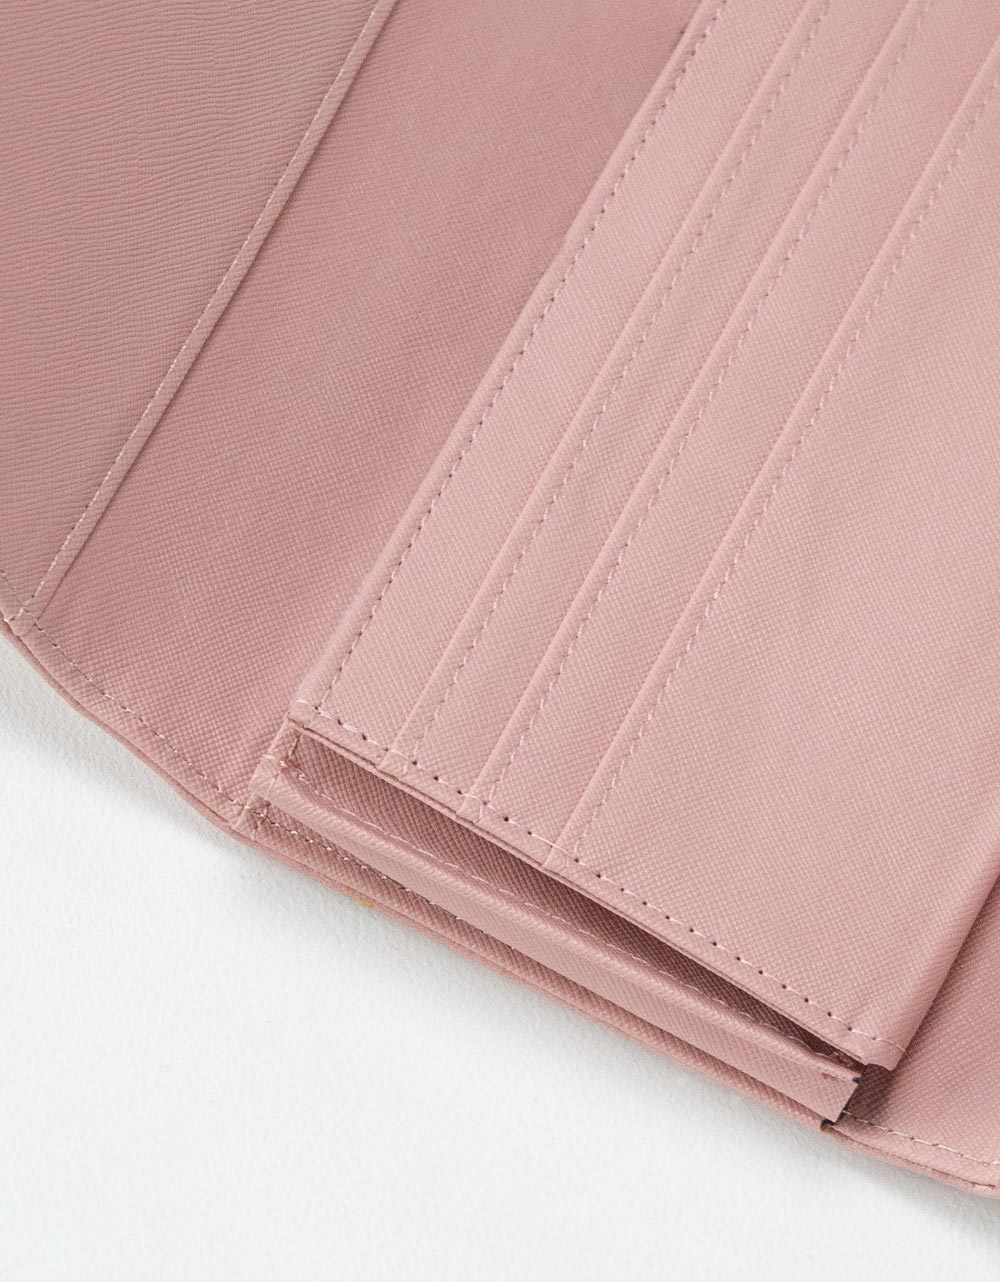 Εικόνα από Γυναικεία πορτοφόλια με ανάγλυφη λεπτομέρεια Ροζ